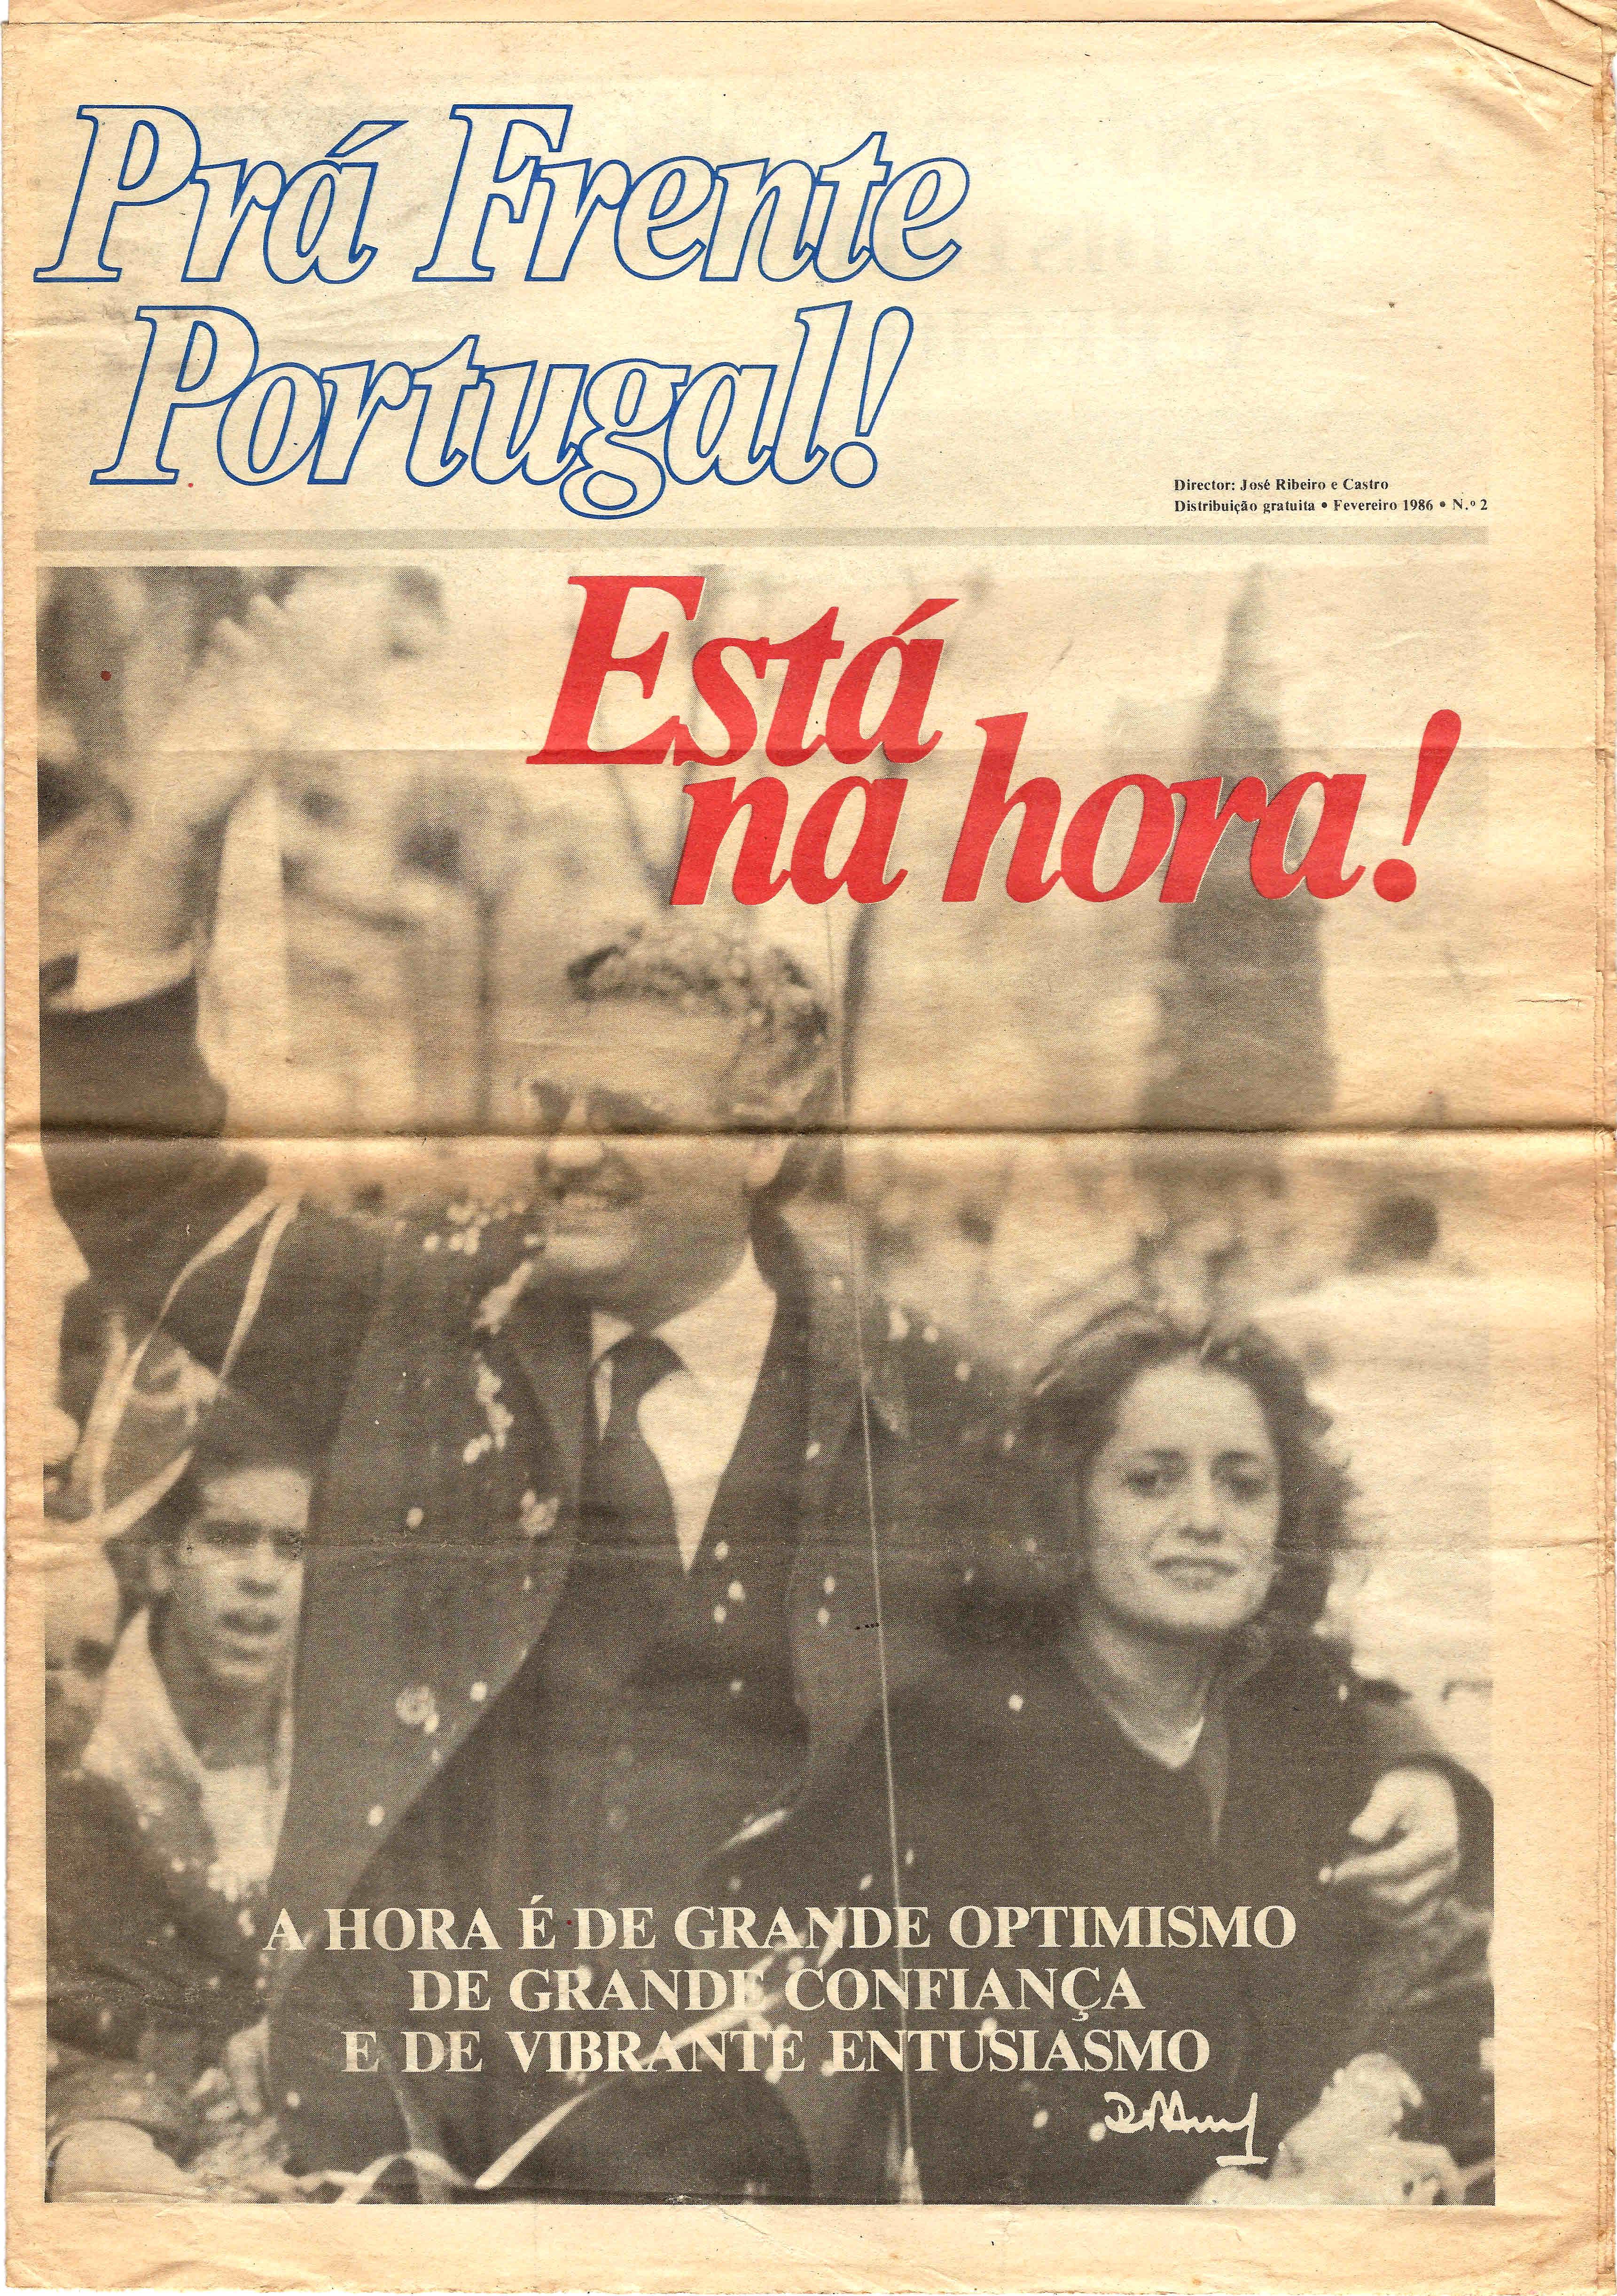 9b5ac4ffd8 PRÁ FRENTE PORTUGAL! – EPHEMERA – Biblioteca e arquivo de José ...